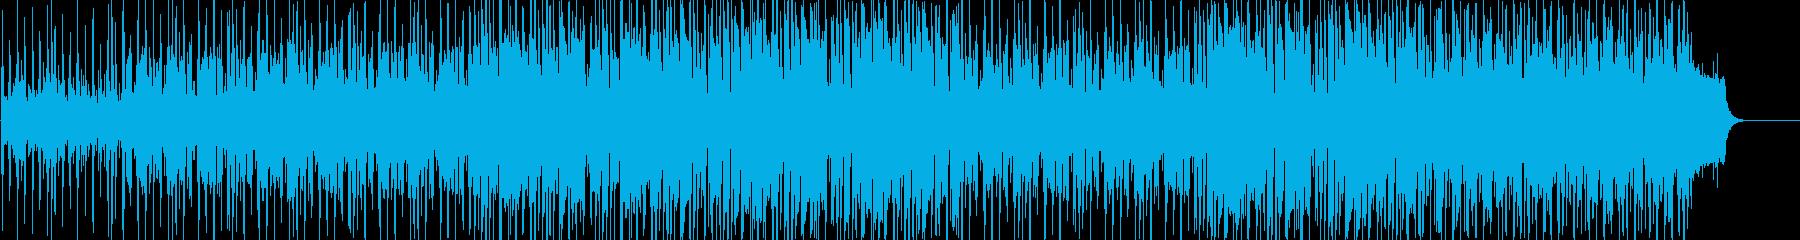 軽快で新鮮なイメージのポップスの再生済みの波形